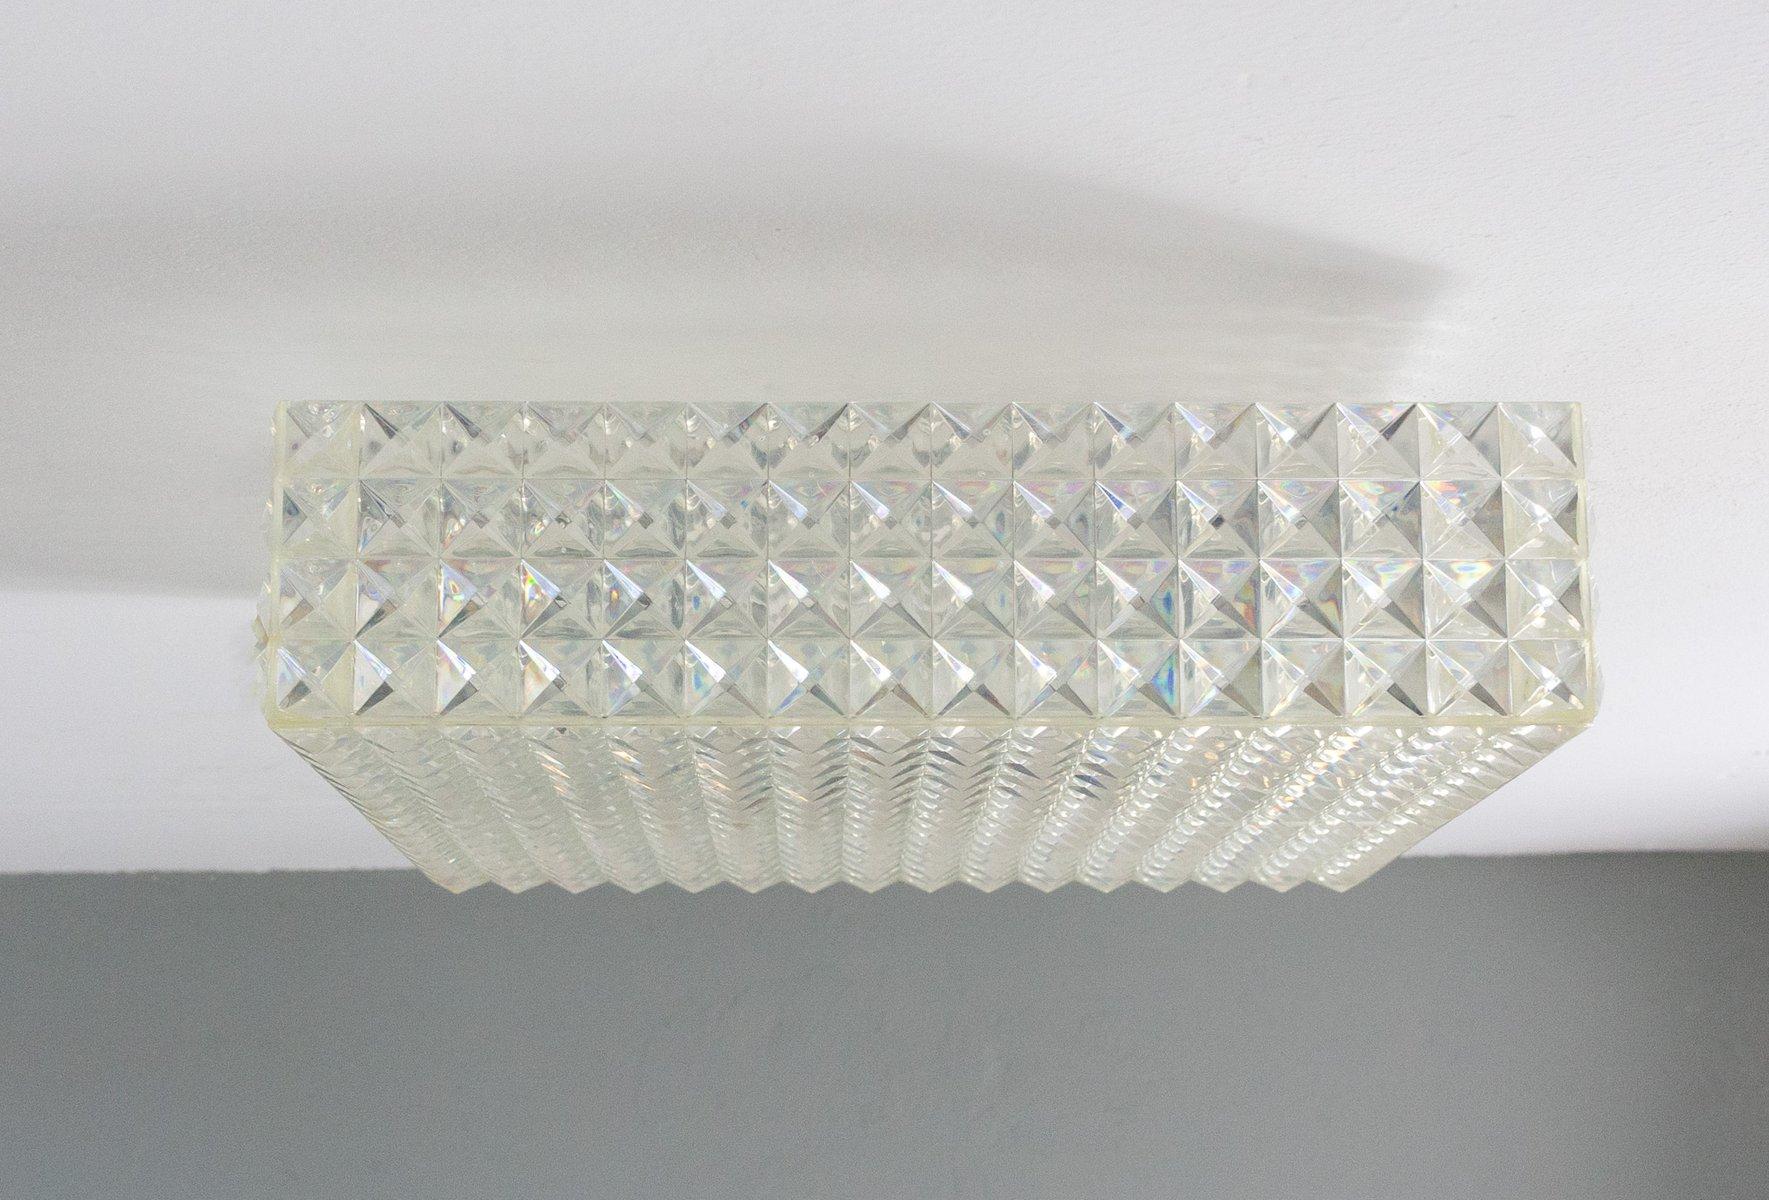 Modell Diamant Deckenlampe von Aloys Gangkofner für Erco, 1970er